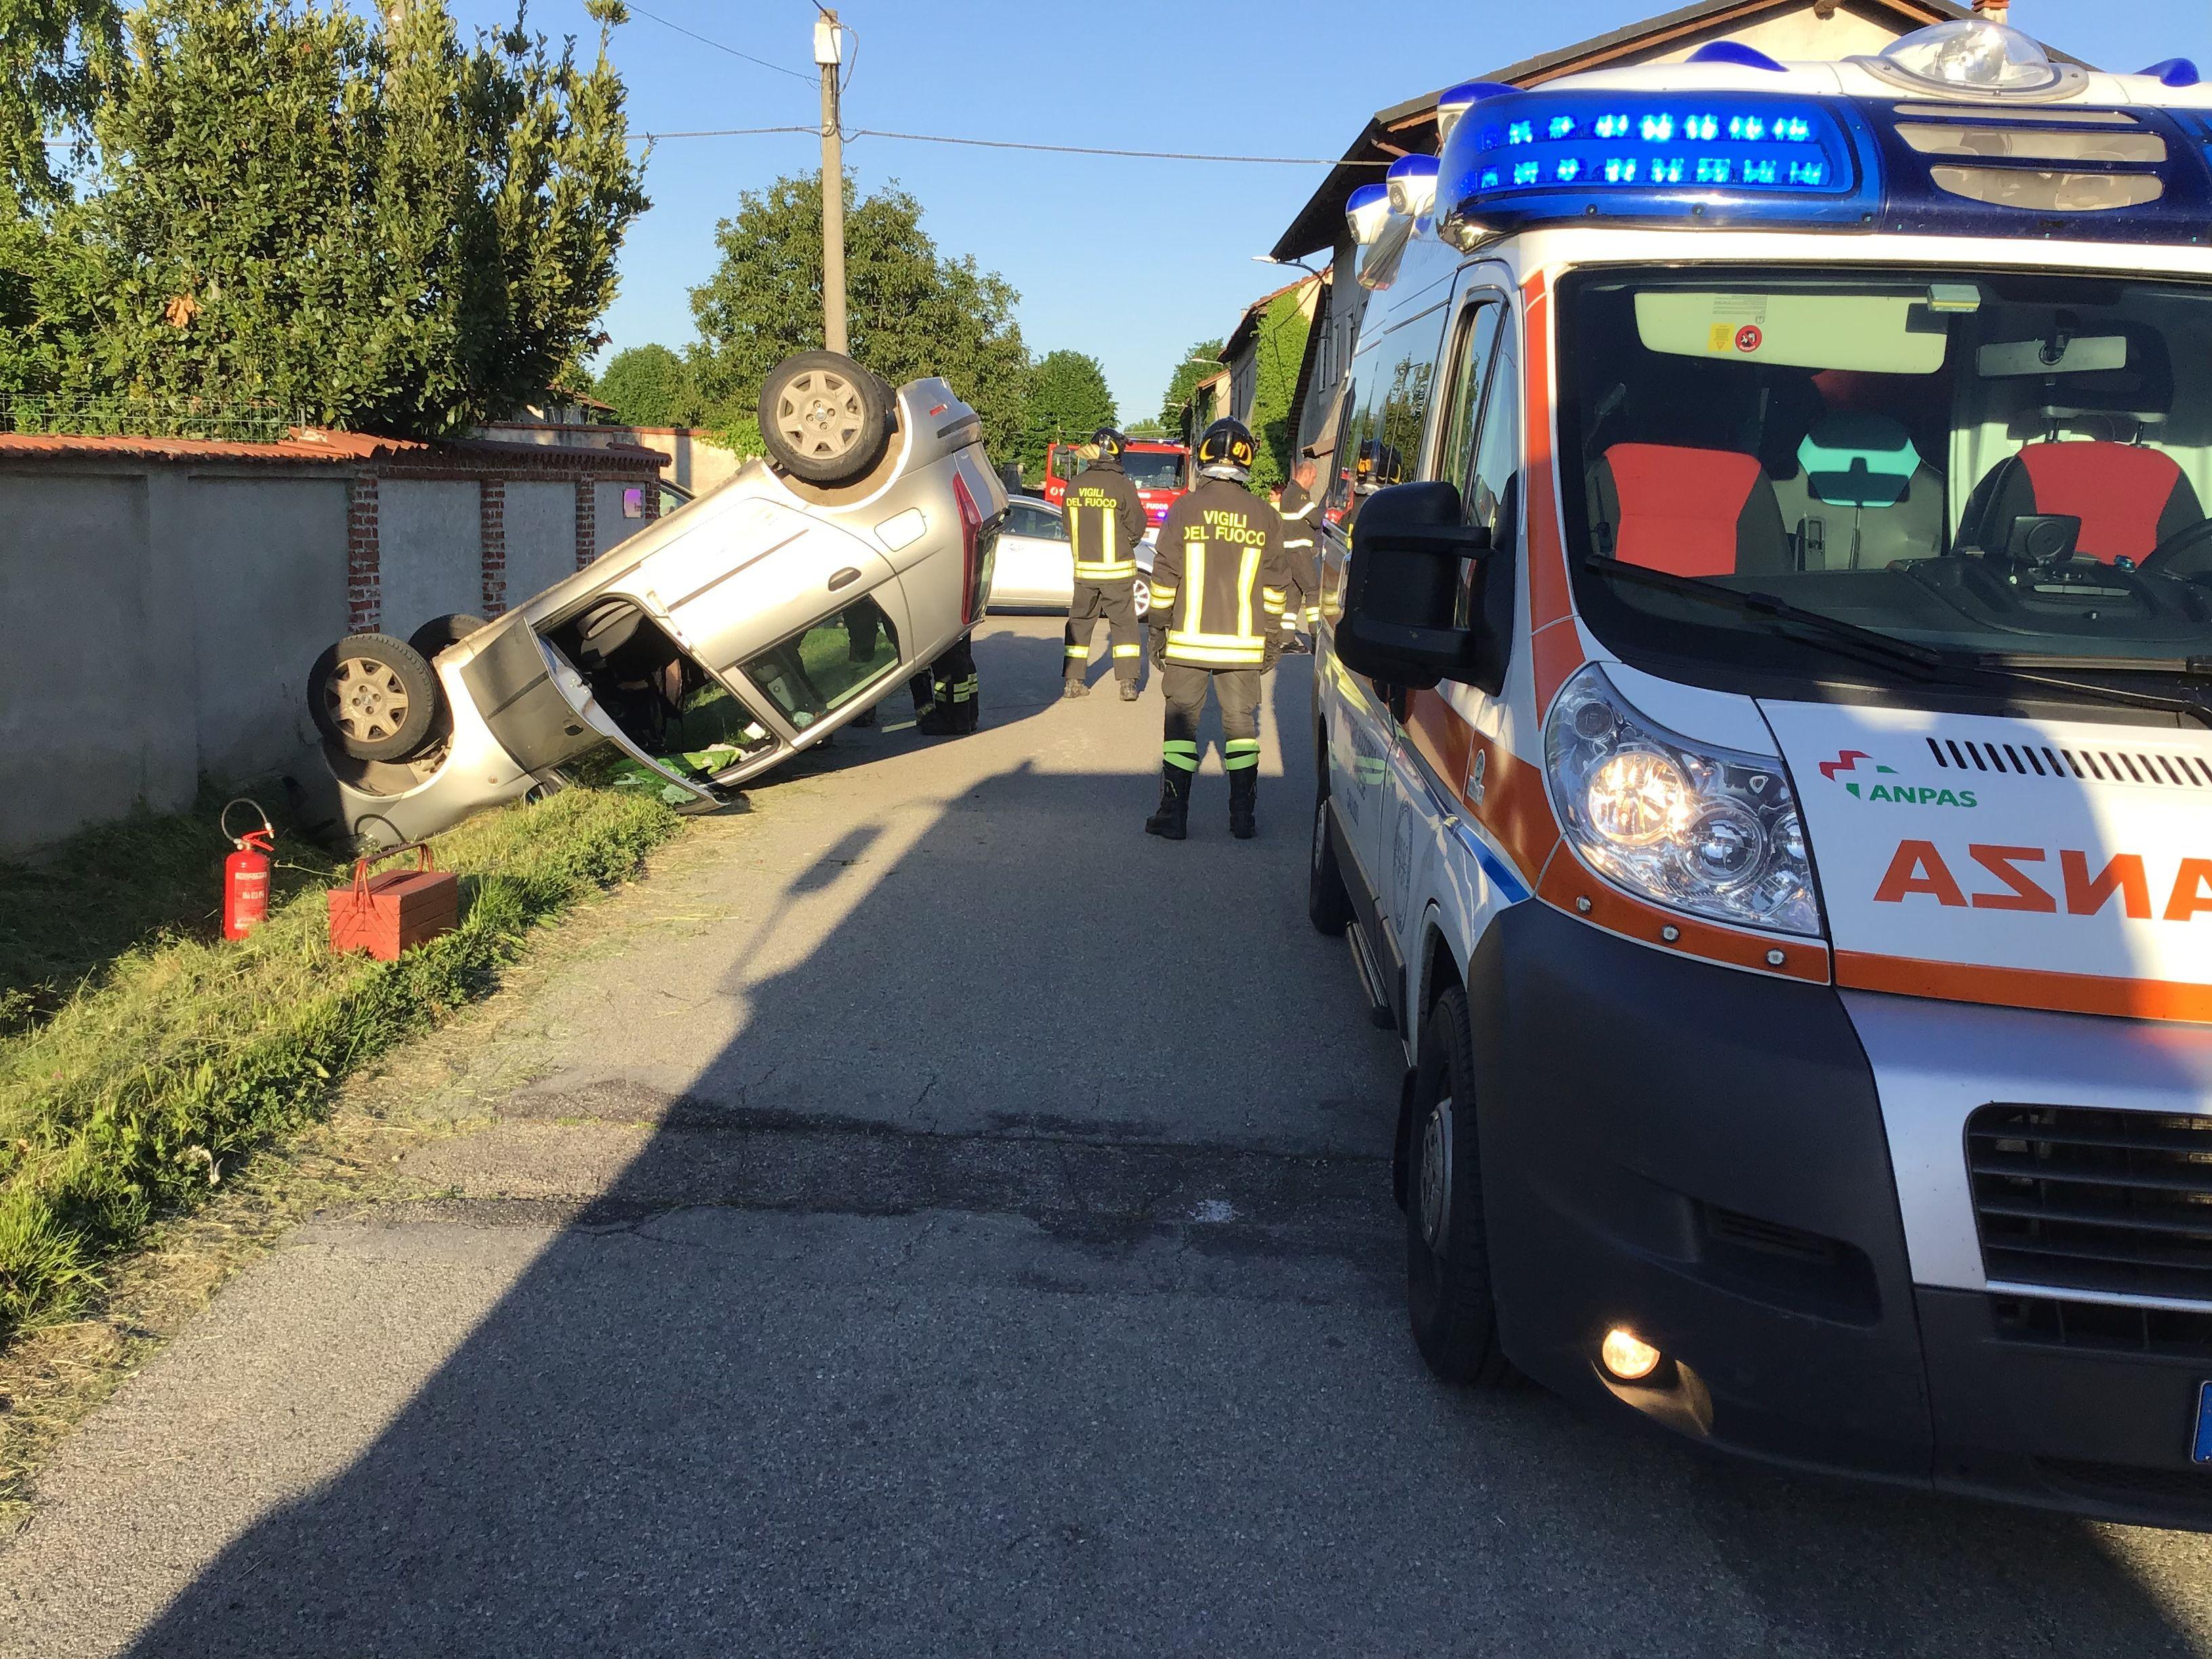 SAN GIUSTO CANAVESE - Incidente stradale, auto si ribalta: una donna ferita - FOTO E VIDEO